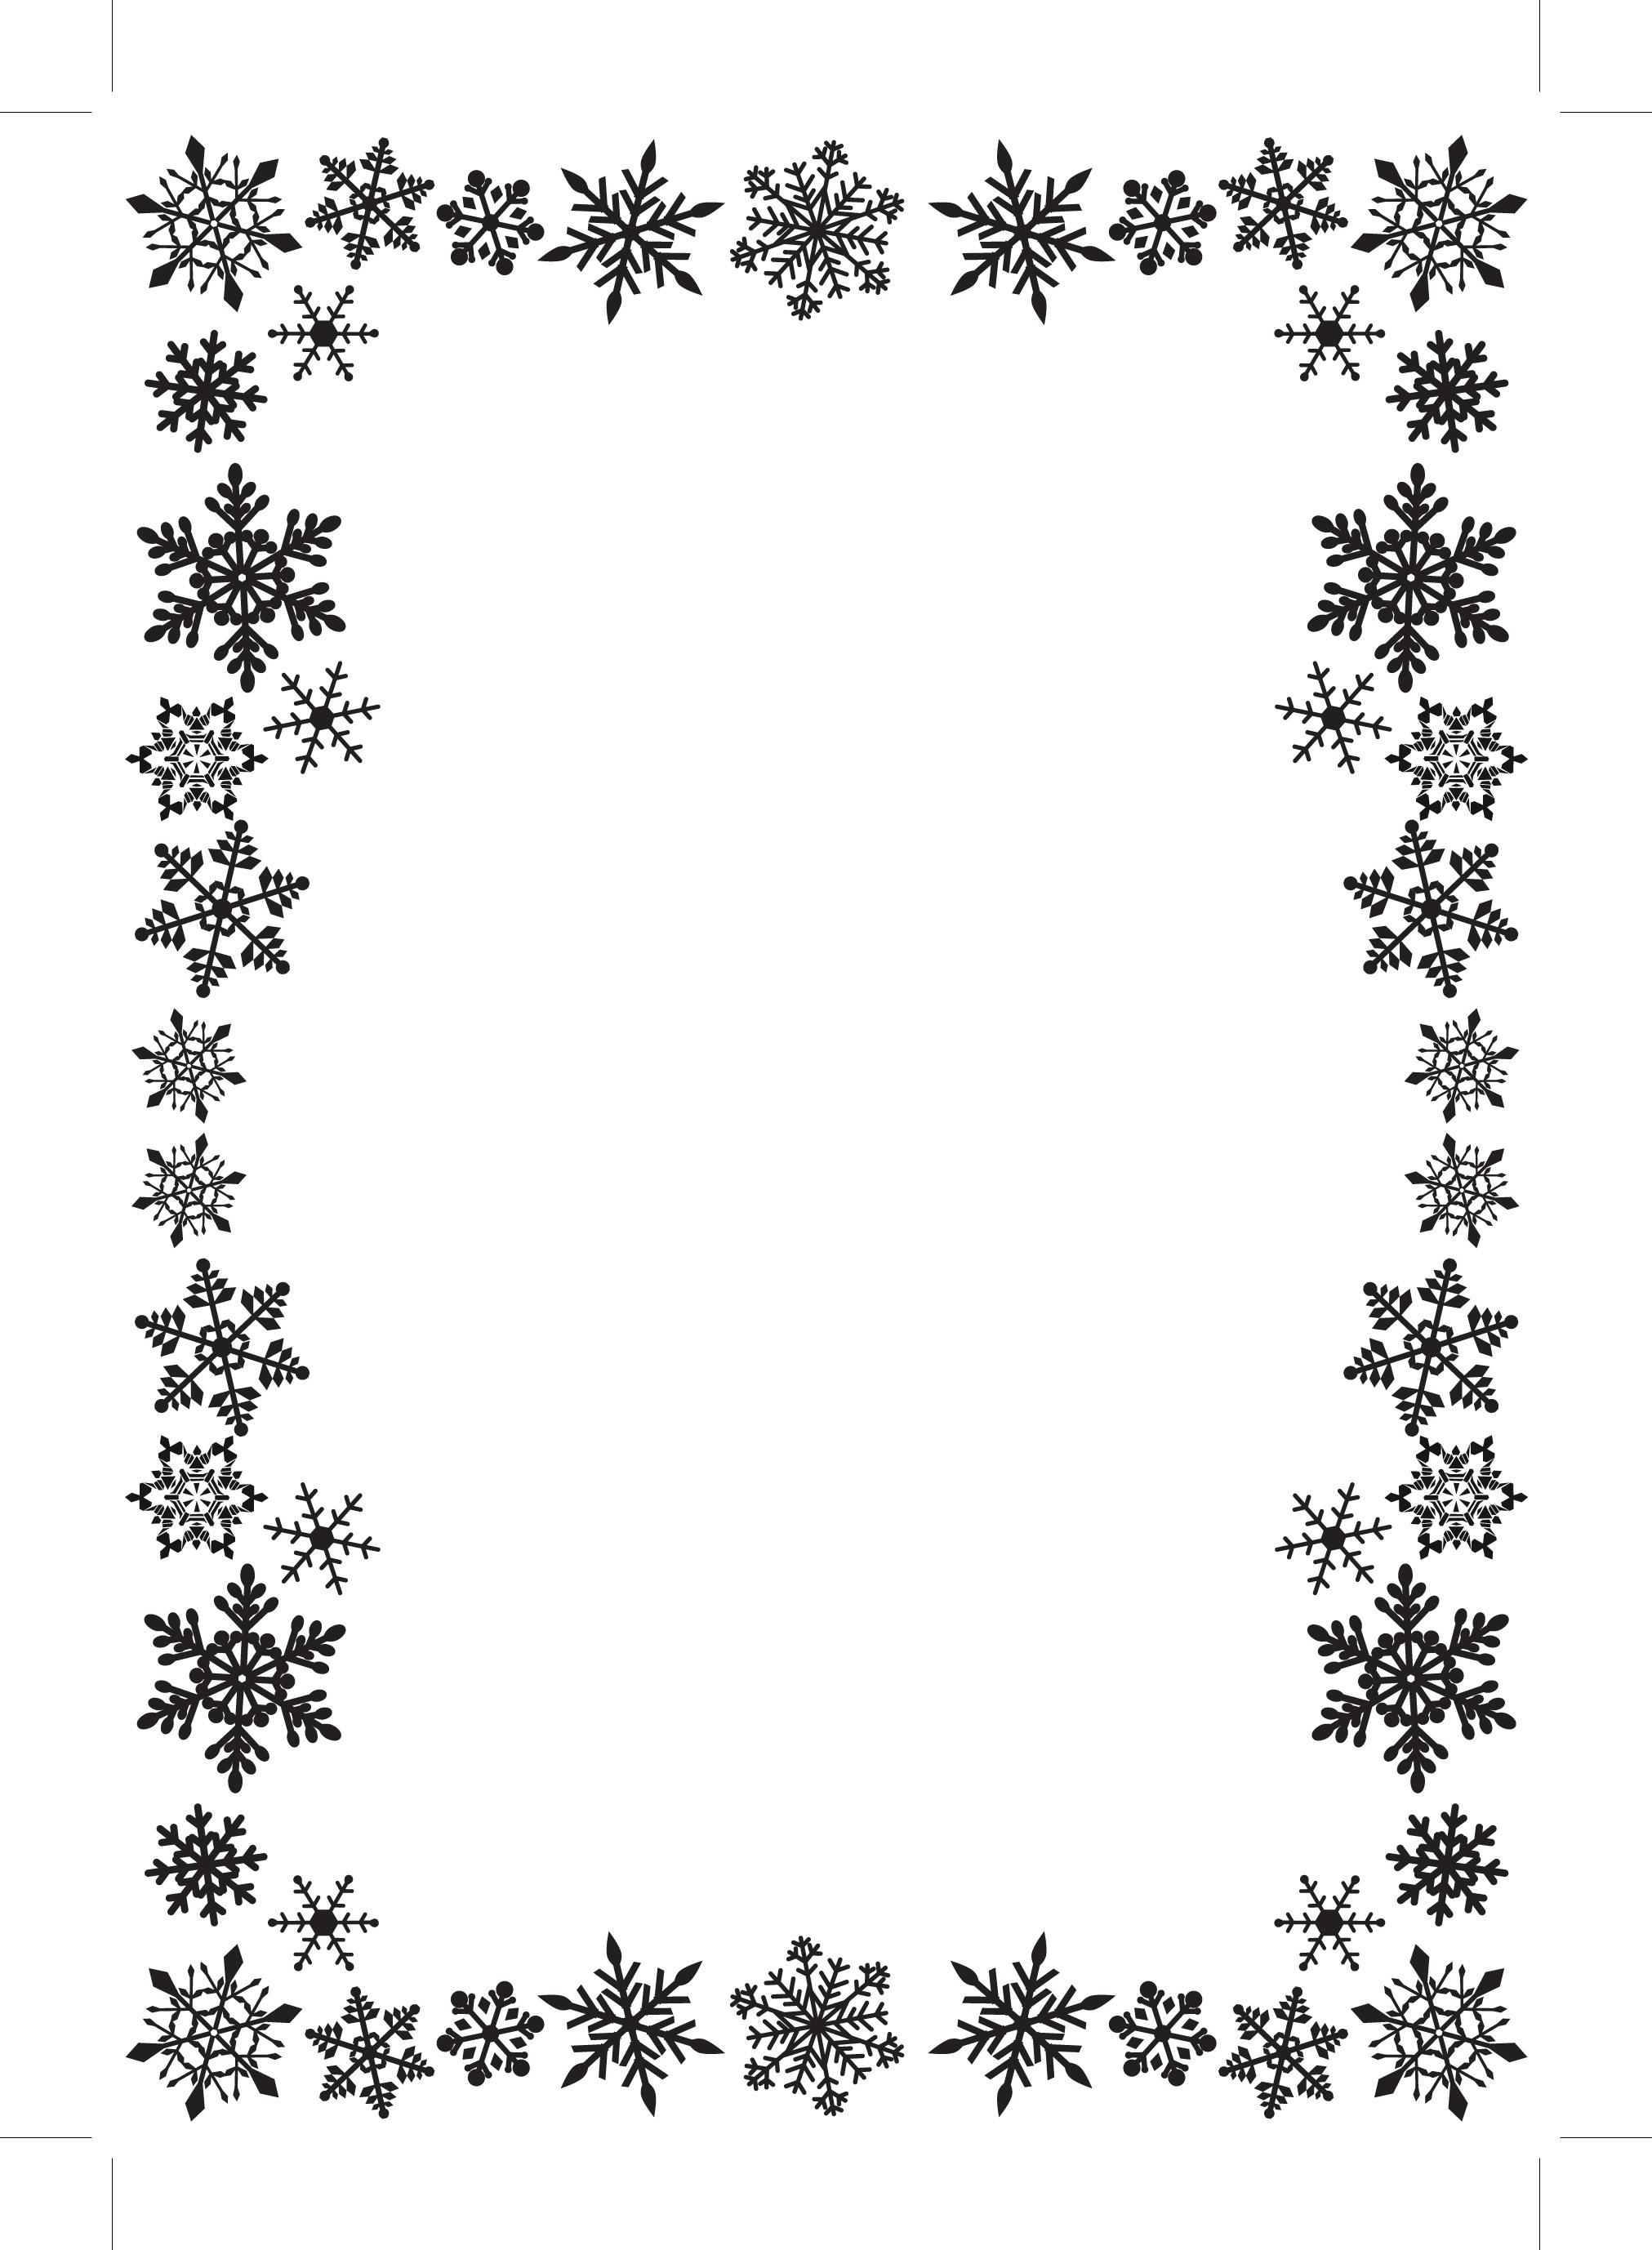 christmas snowflakes border - photo #16